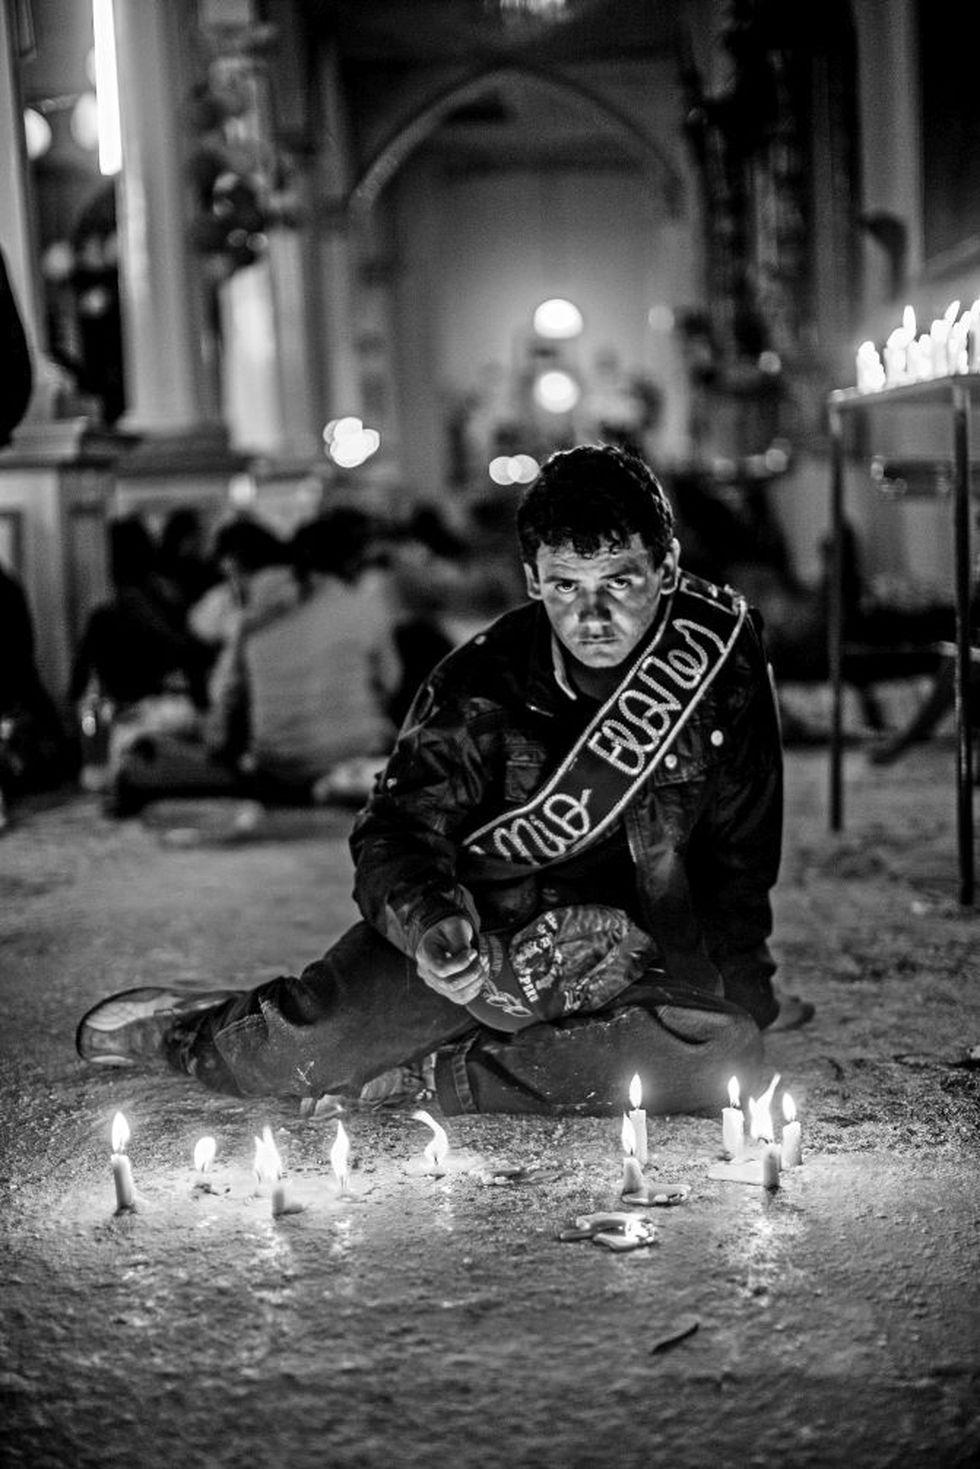 """Peregrino del Señor Cautivo de Ayabaca, de la serie """"Cautivos"""", con la que Sebastián Castañeda ganó el Premio a la Excelencia POYI (Photographer of the Year) en 2014."""